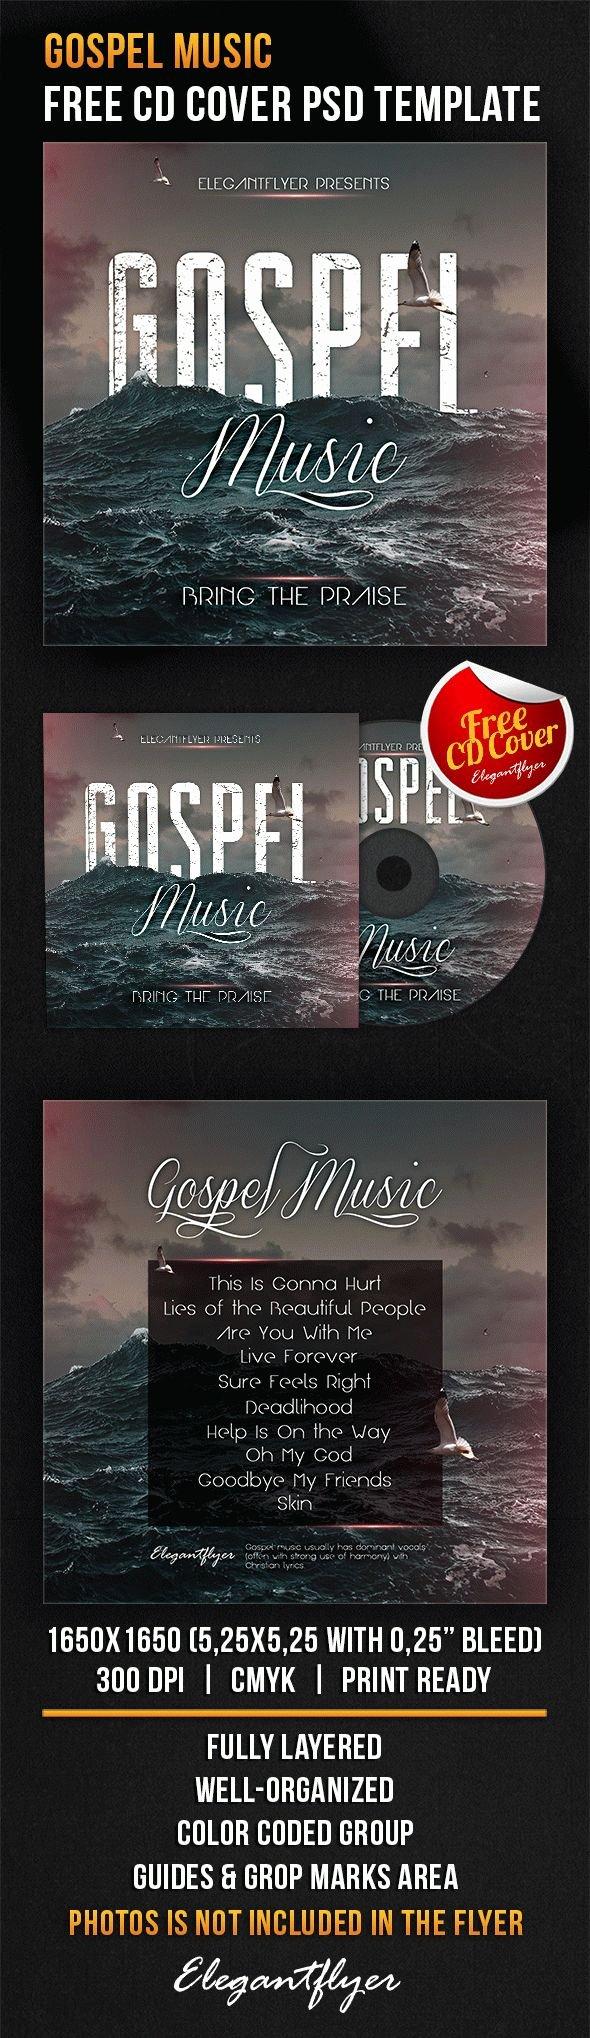 Cd Cover Template Psd Lovely Gospel Music – Free Cd Cover Psd Template – by Elegantflyer